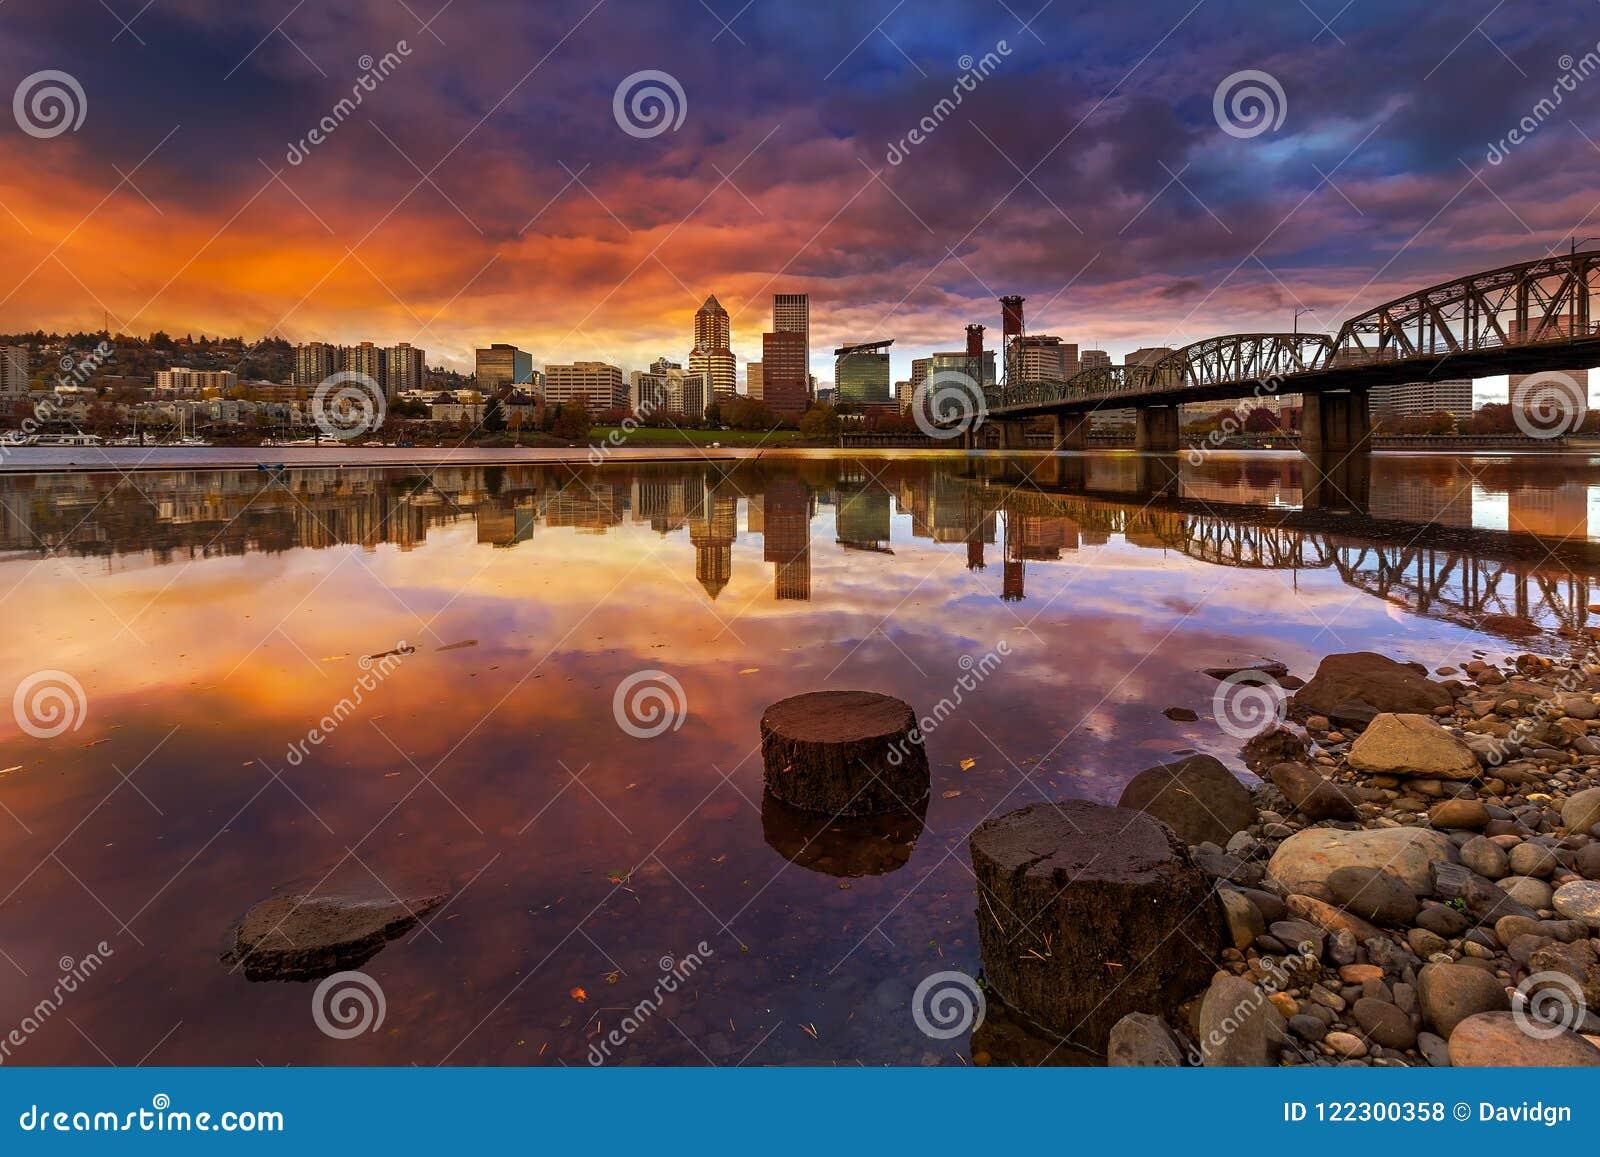 Ένα όμορφο ηλιοβασίλεμα πέρα από τη στο κέντρο της πόλης προκυμαία του Πόρτλαντ Όρεγκον κατά μήκος του ποταμού Willamette